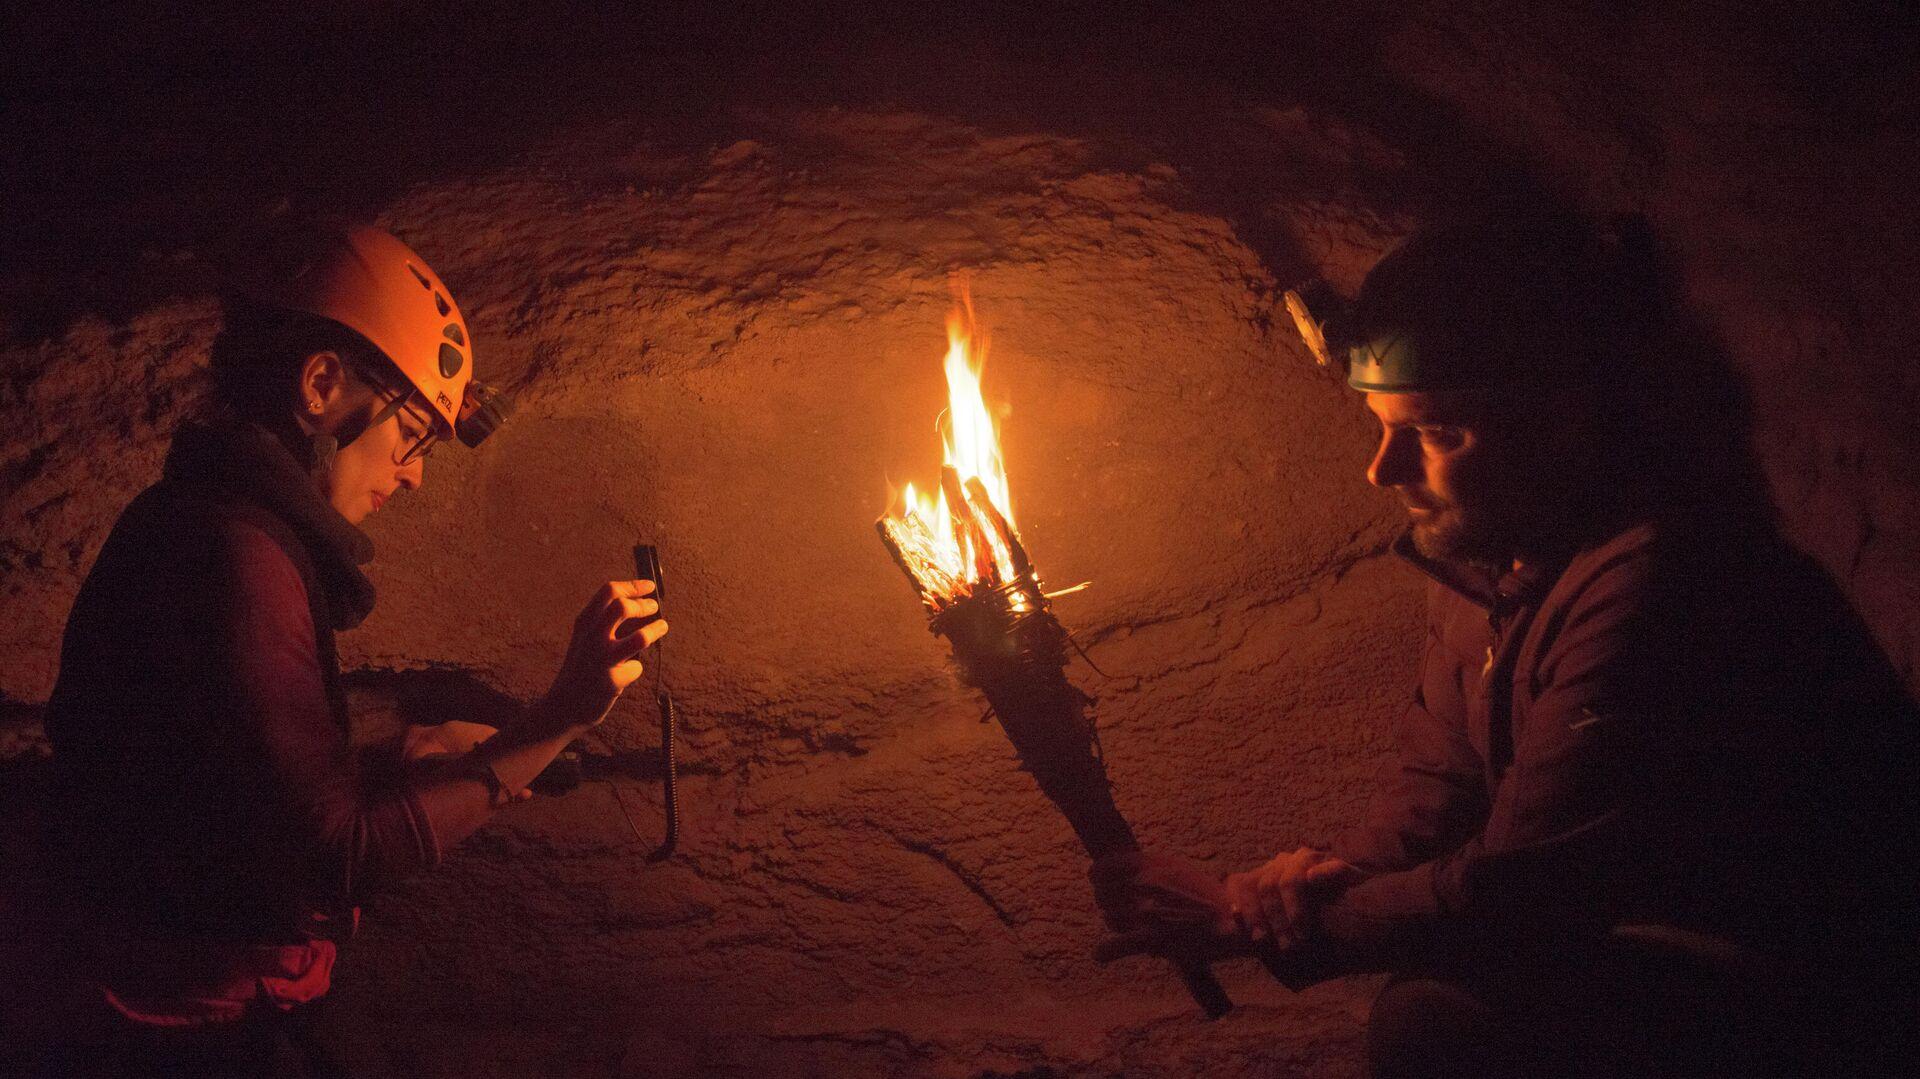 Investigadores españoles recreando el fuego dentro de una cueva - Sputnik Mundo, 1920, 06.07.2021